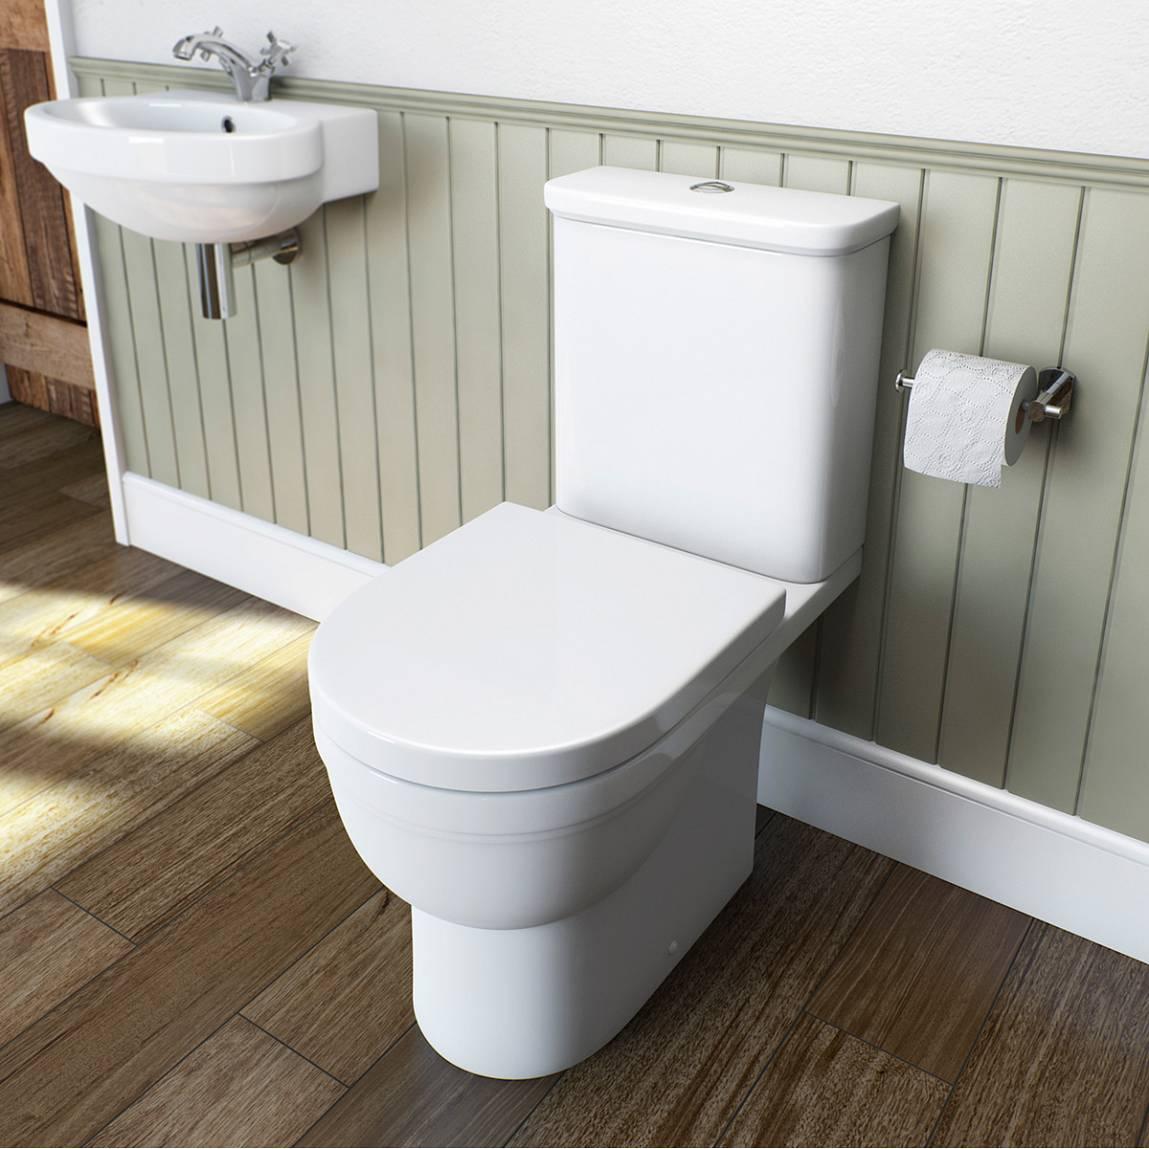 Deco toilet seat